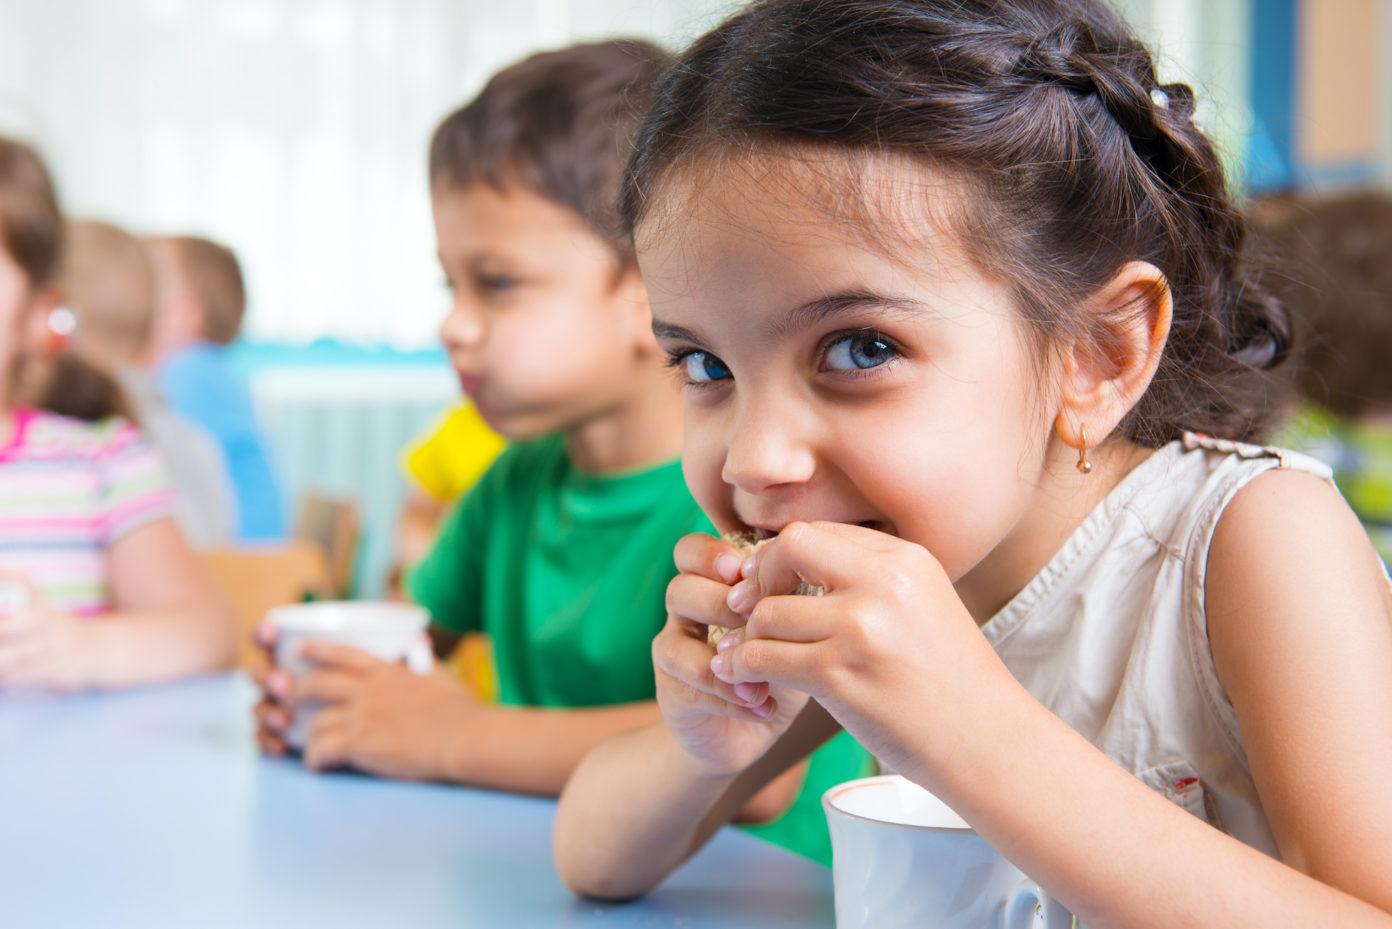 Ein kleines Mädchen sitzt an einem Kindergarten-Esstisch und isst einen Keks, der Junge neben ihr trinkt Milch.